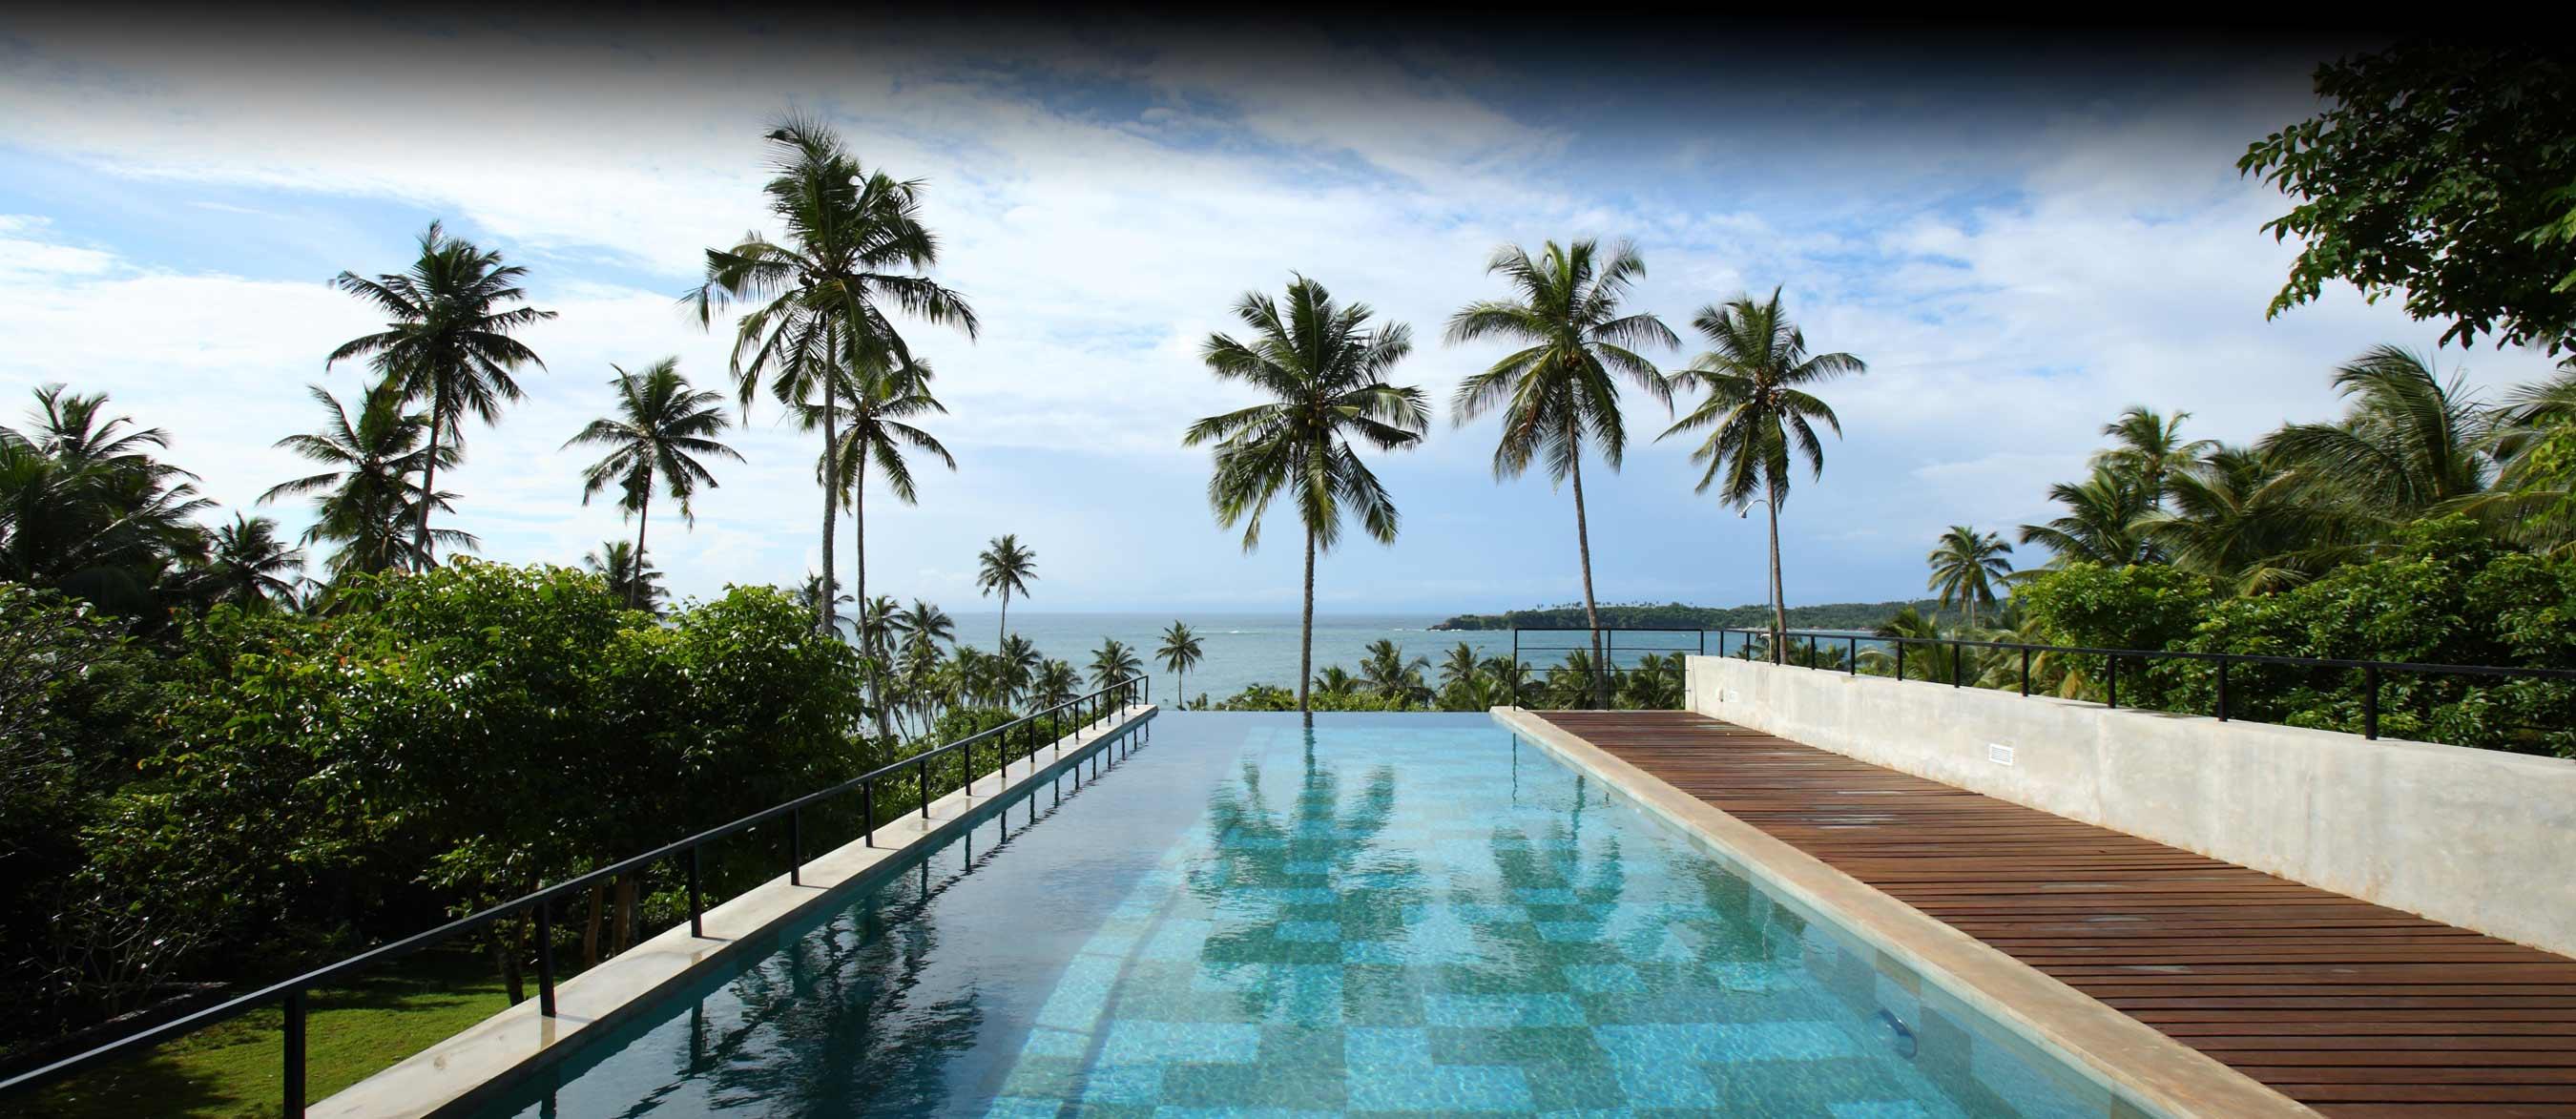 Pool Views Kadju house